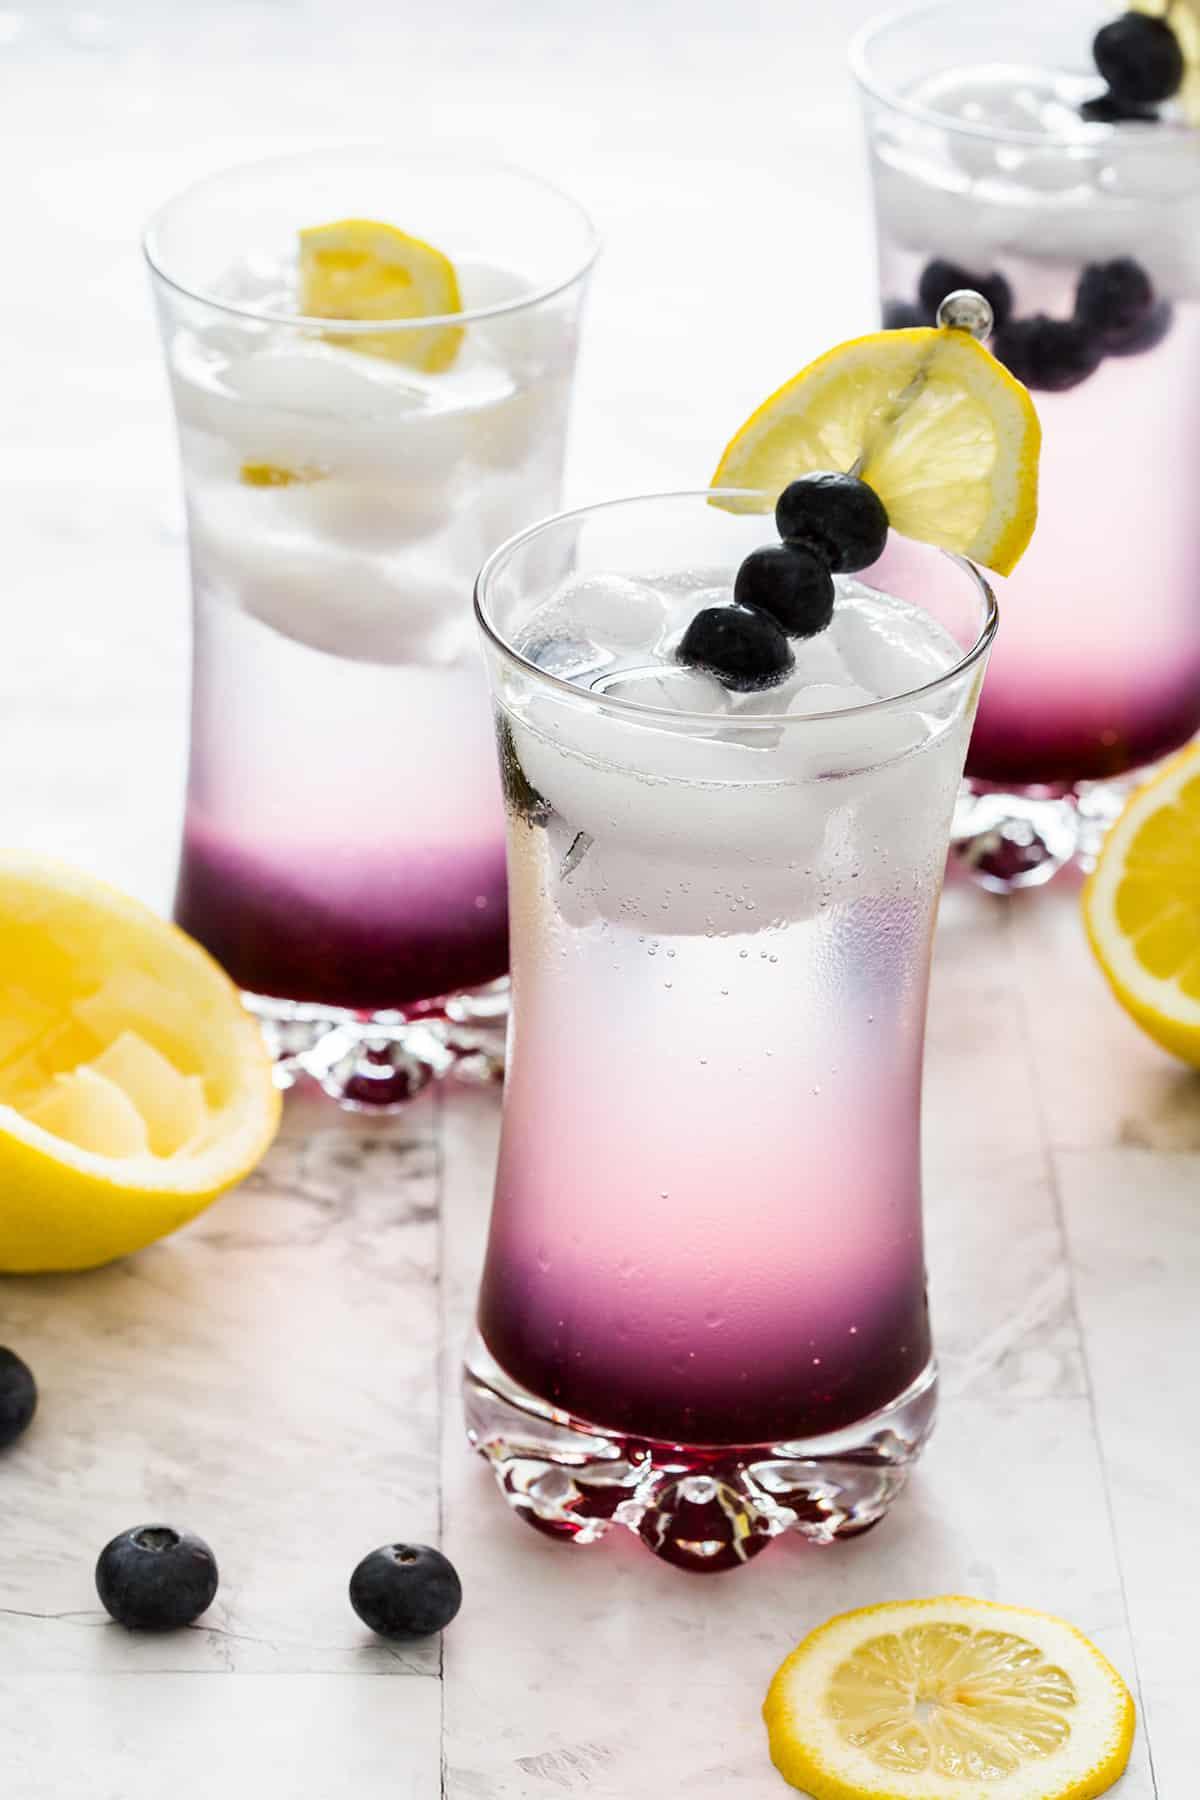 Estapink lemonade (cóctel con arándanos y vodka)